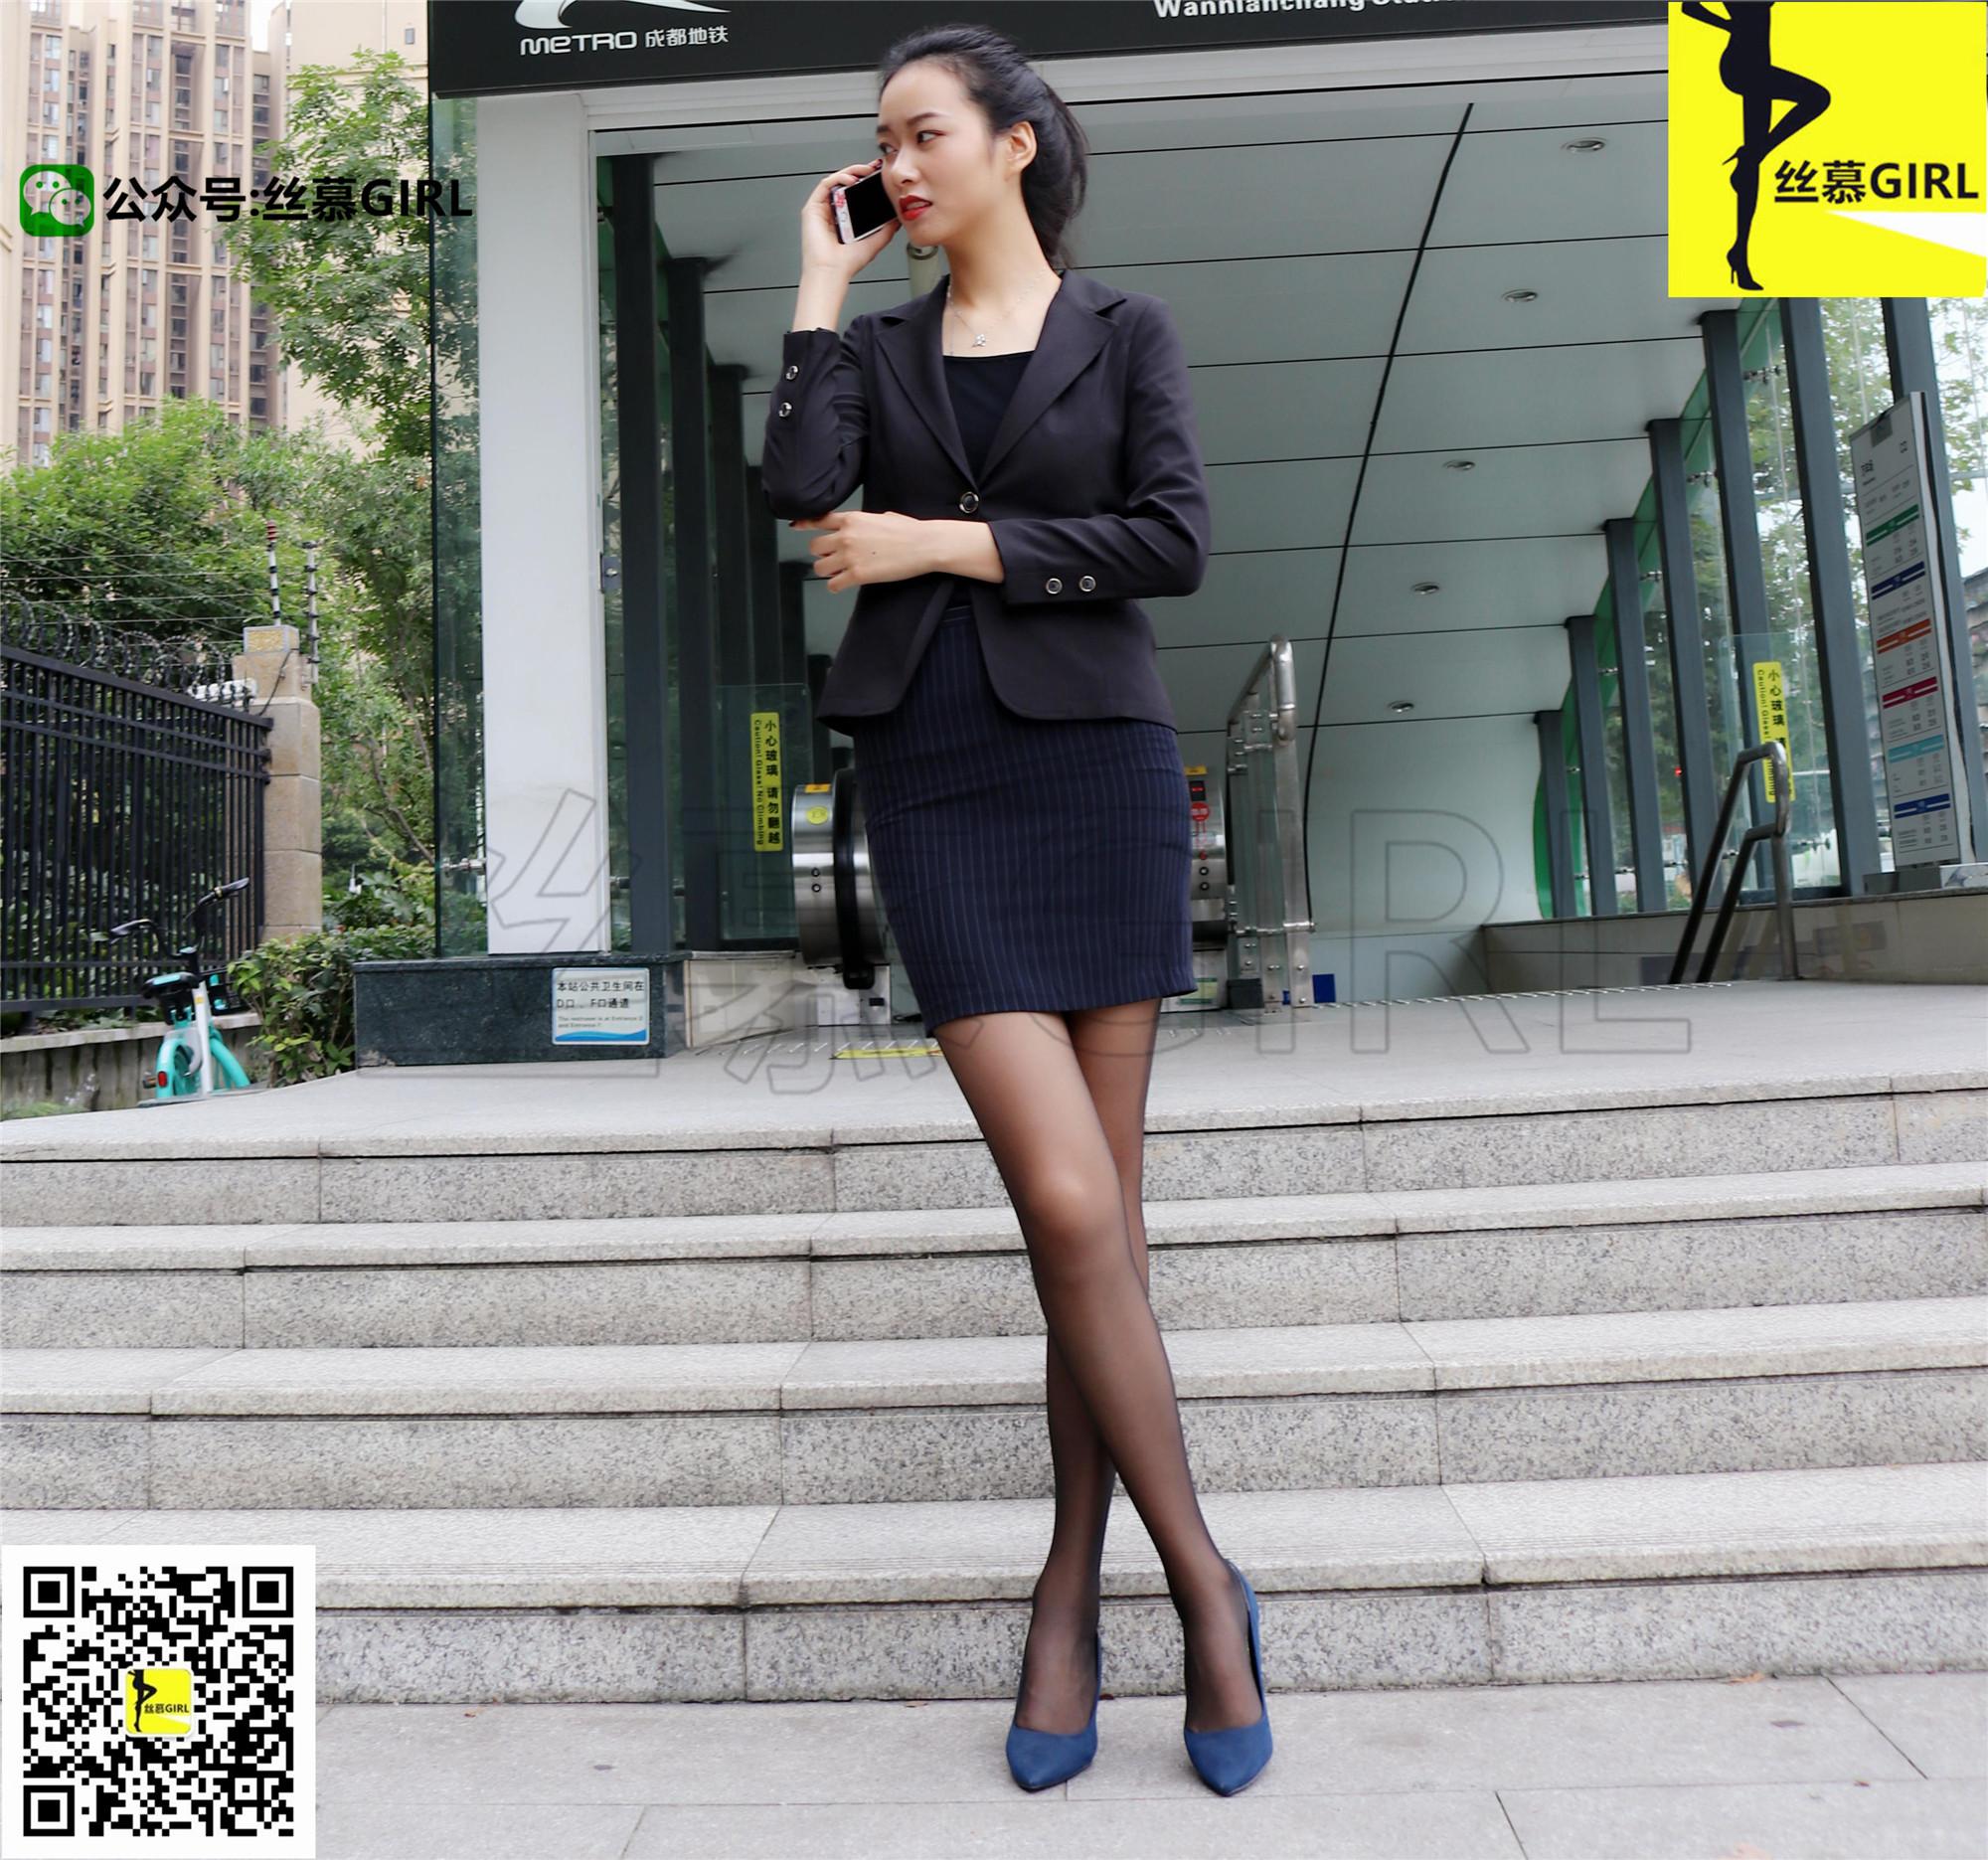 【絲慕寫真系列】第008期 模特:三萬姐《職業裝背后的三萬姐》【64P】 - 貼圖 - 絲襪美腿 -